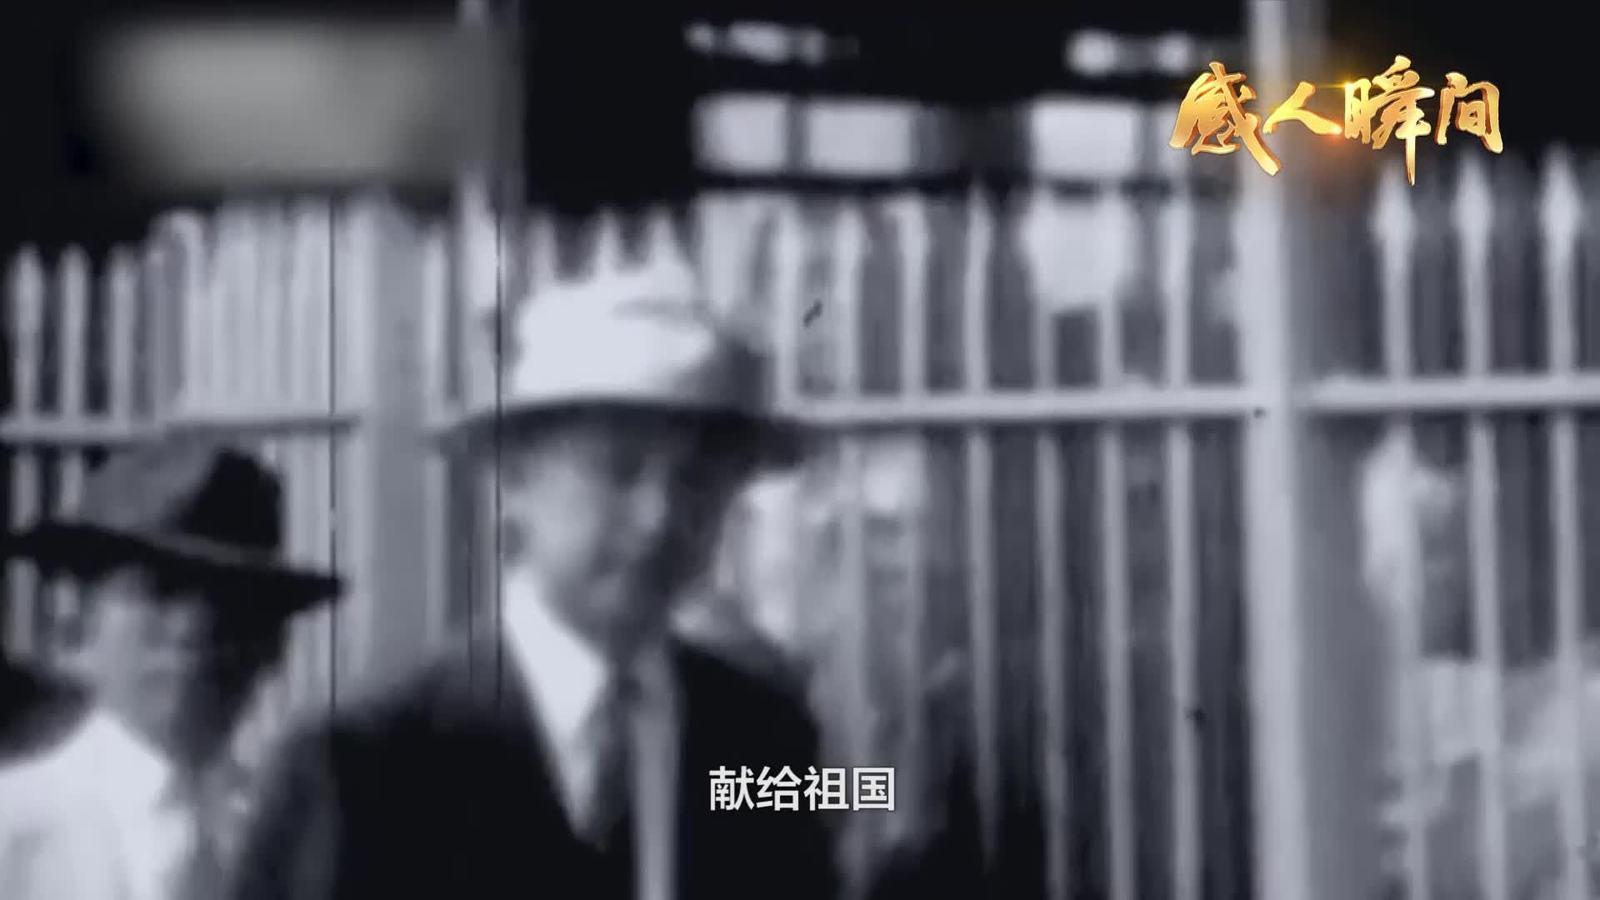 """科學家精神主題""""感人瞬間""""微視頻展播——錢學森"""